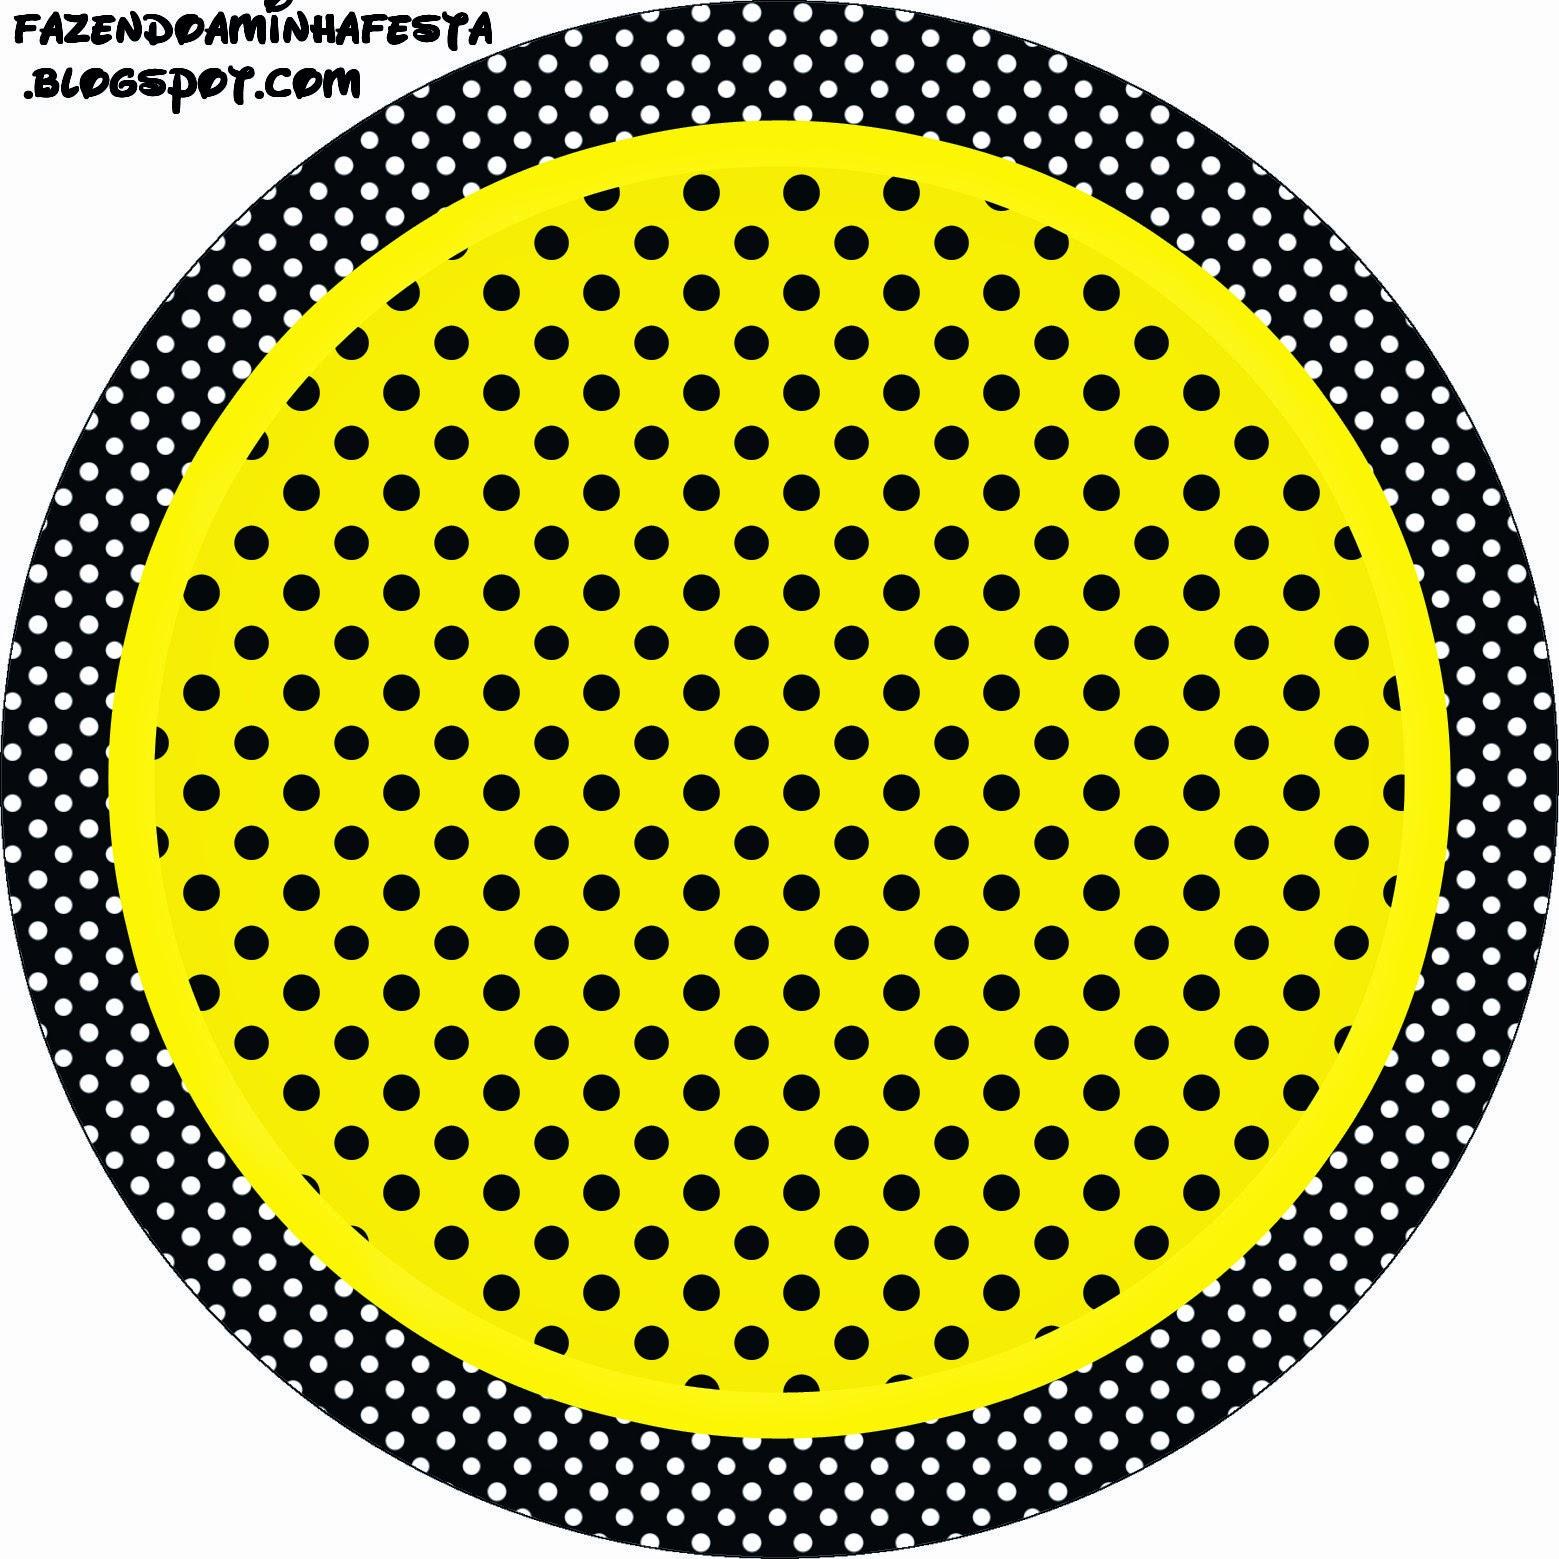 Toppers o Etiquetas de Amarillo con Lunares Negros para imprimir gratis.